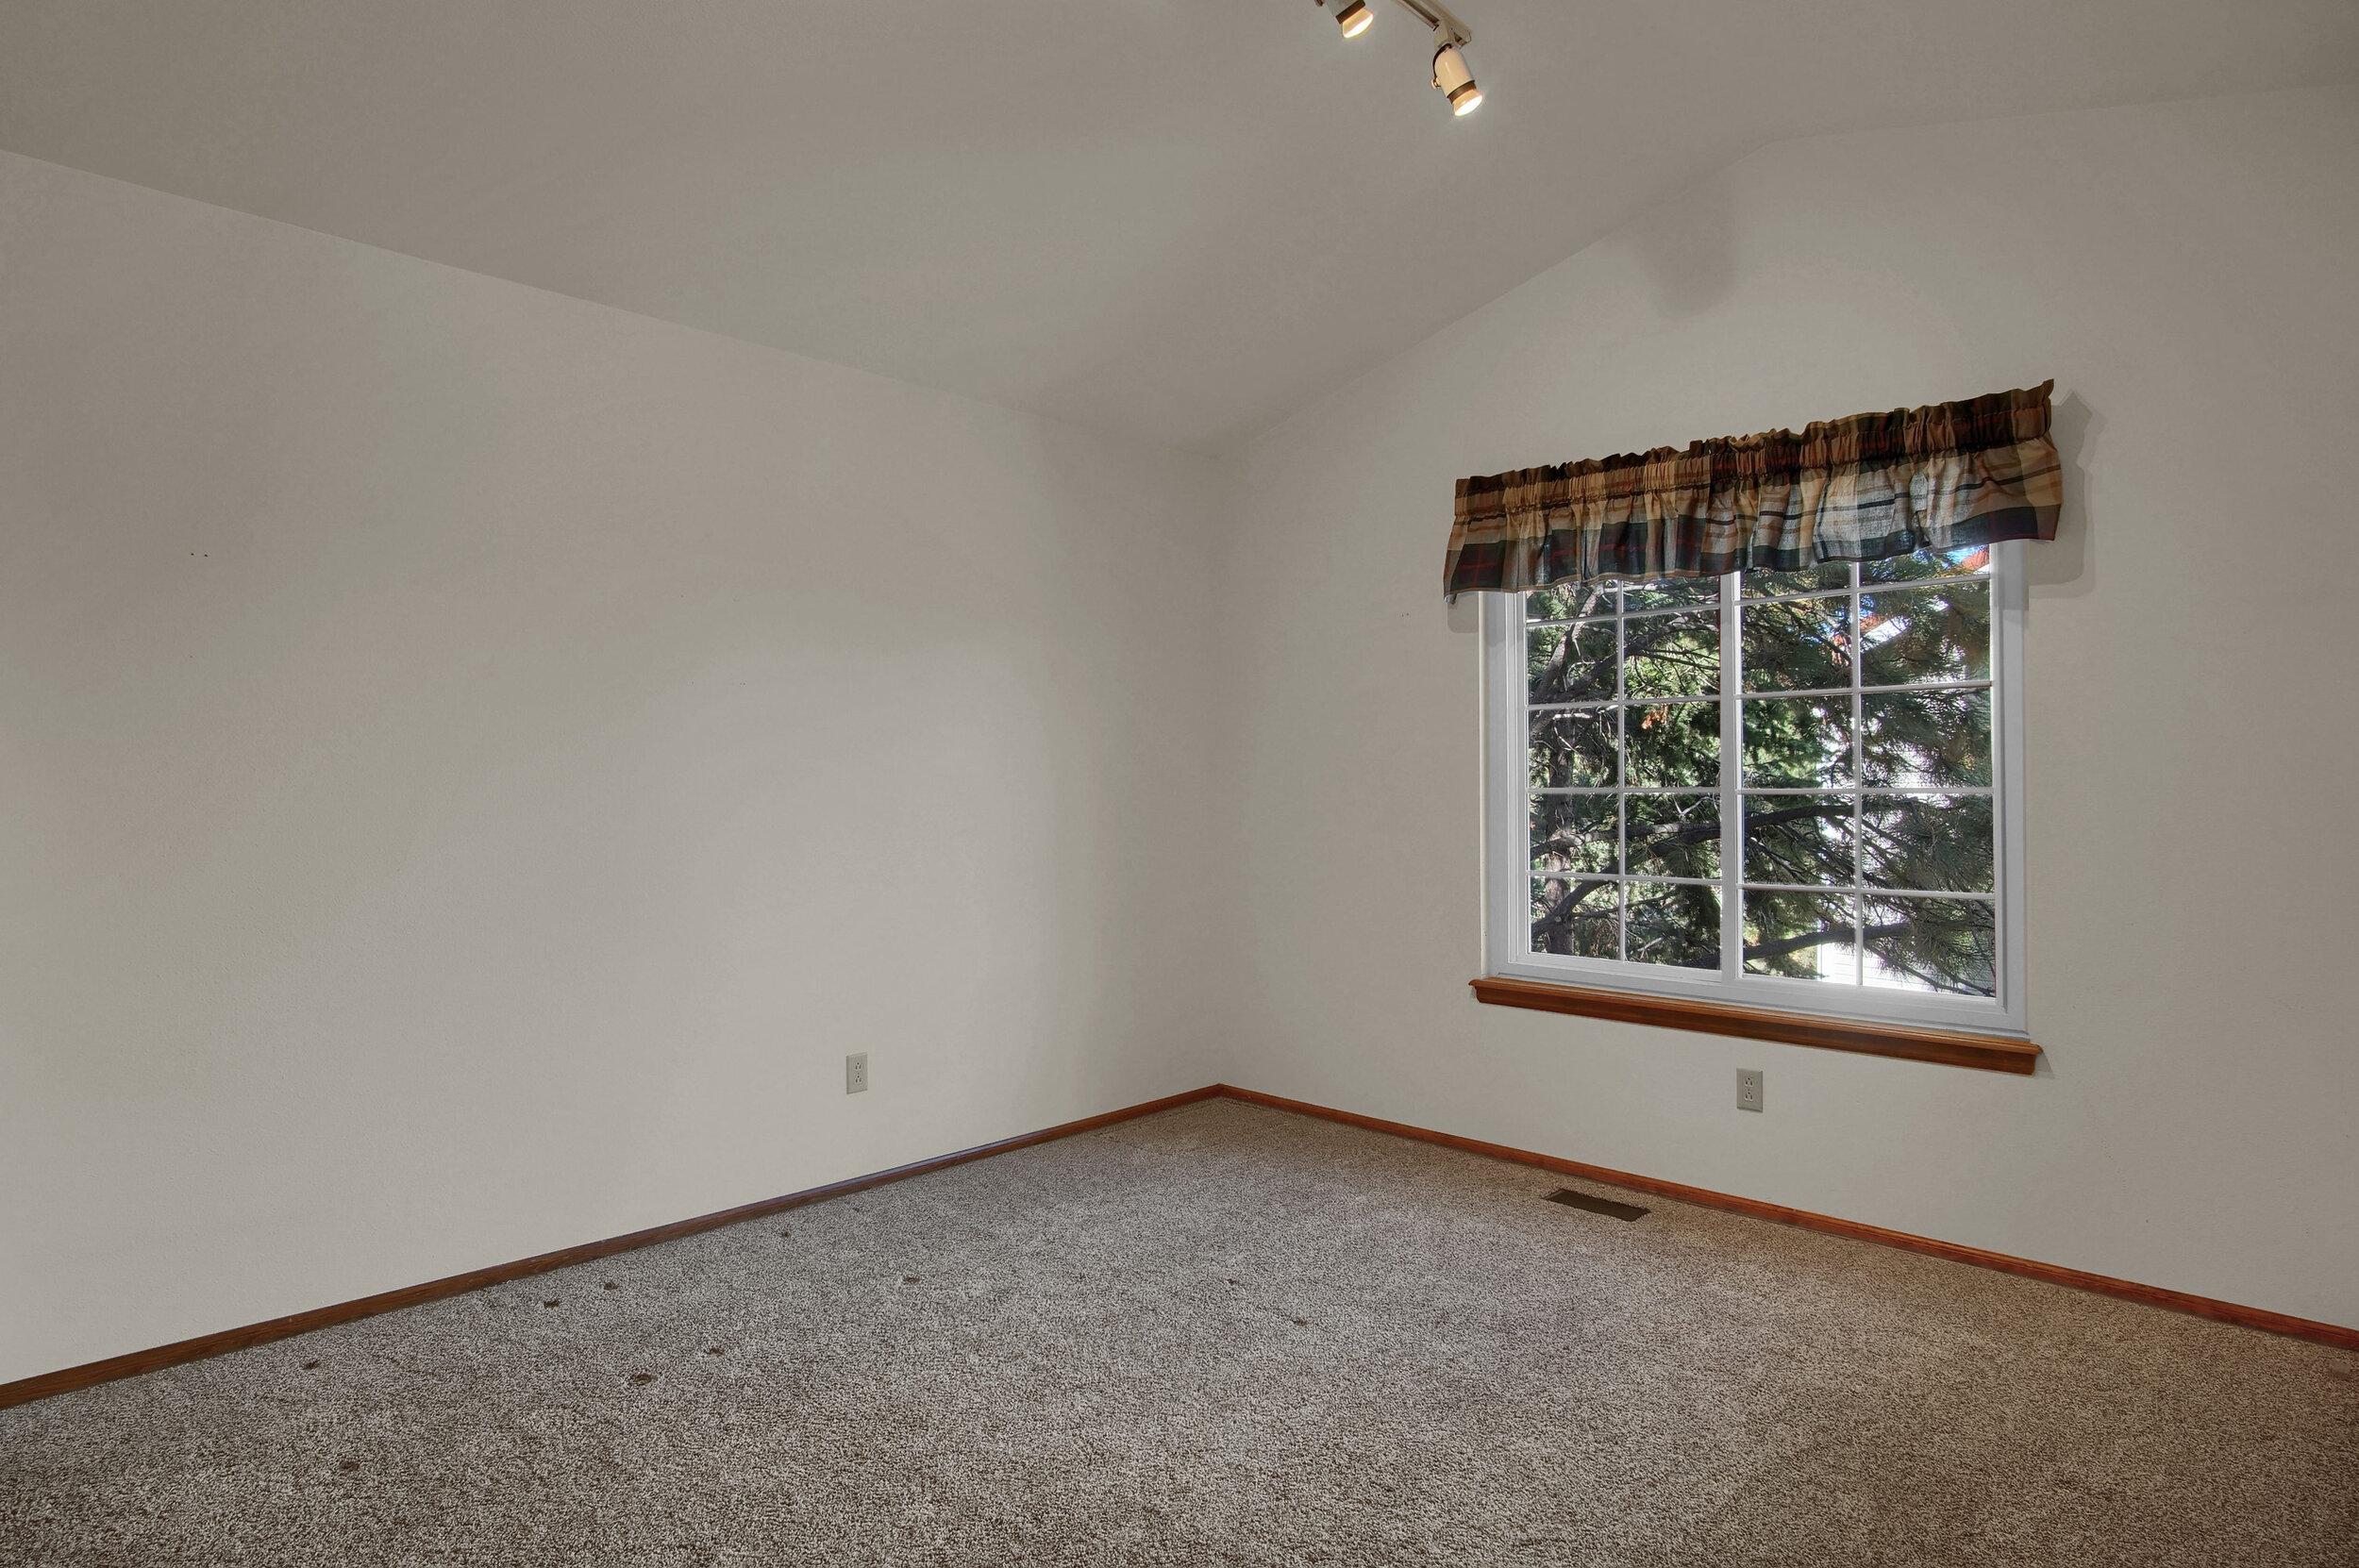 4919 Nightshade Cir Colorado-print-040-031-Bedroom-3008x2000-300dpi.jpg